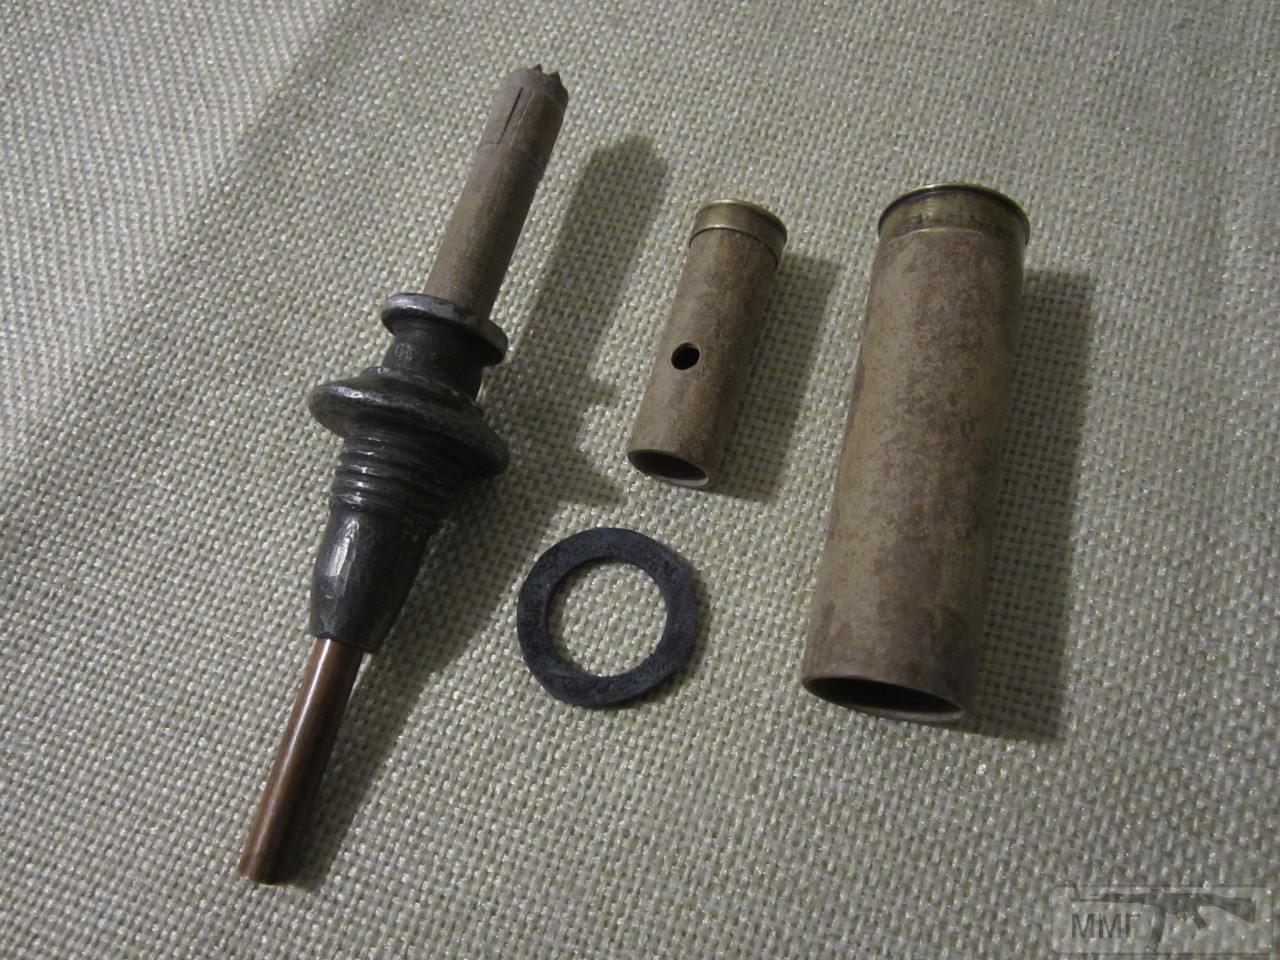 89171 - Створення ММГ патронів та ВОПів.